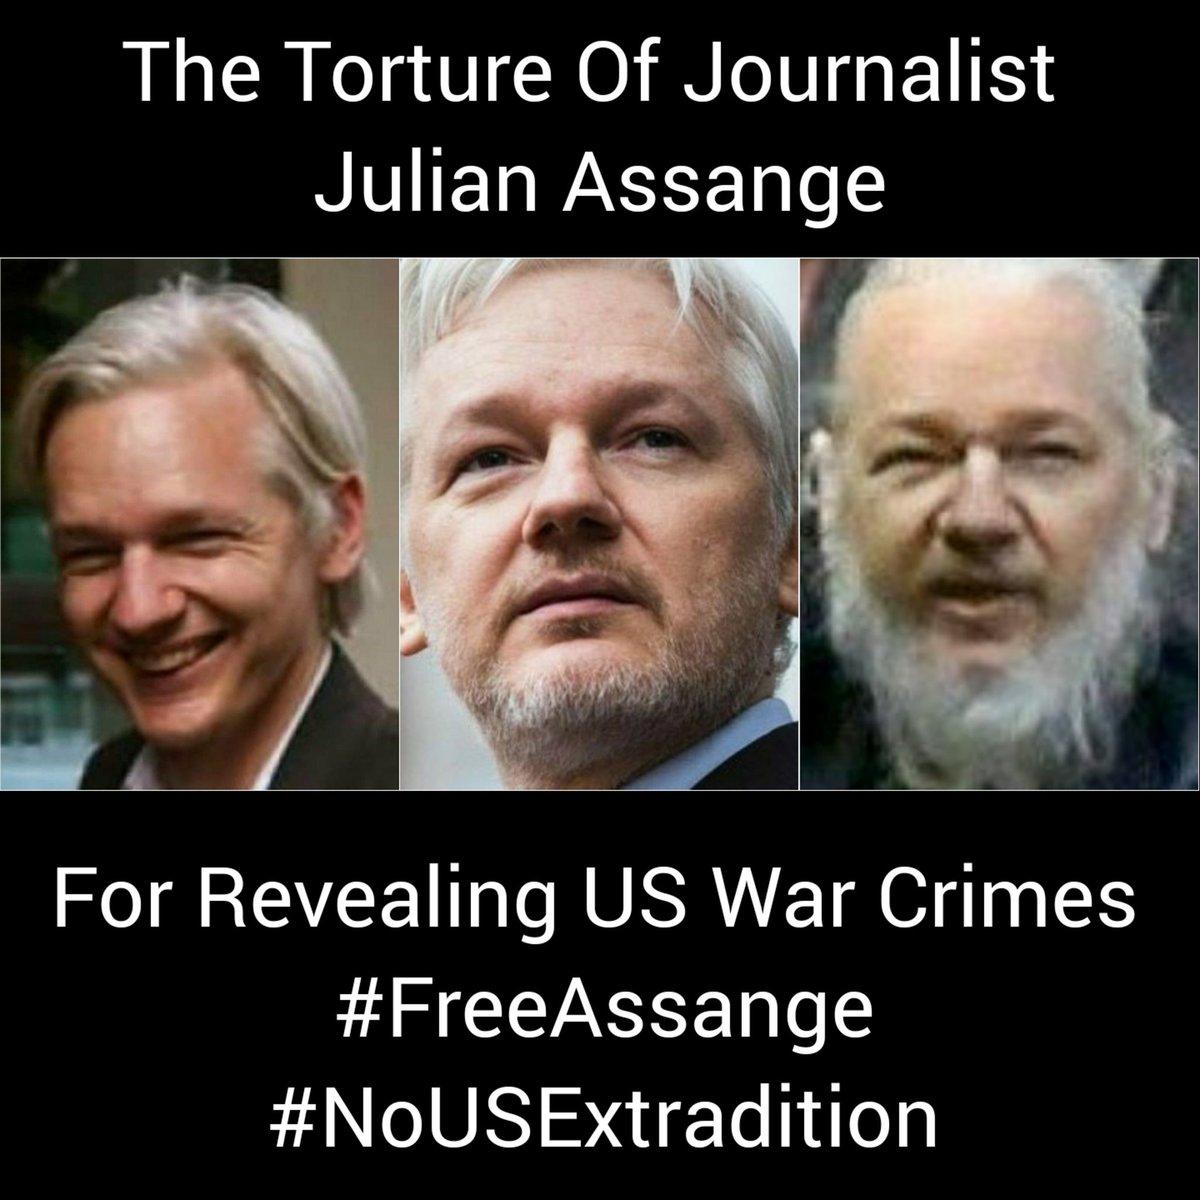 """WikiLeaks on Twitter: """"President of Mexico @lopezobrador_ calls for the  release of Julian Assange El presidente @lopezobrador_ sostuvo que la  liberación de Julian Assange, estaría en favor de los Derechos Humanos.  https://t.co/fIeoROpk9y"""""""